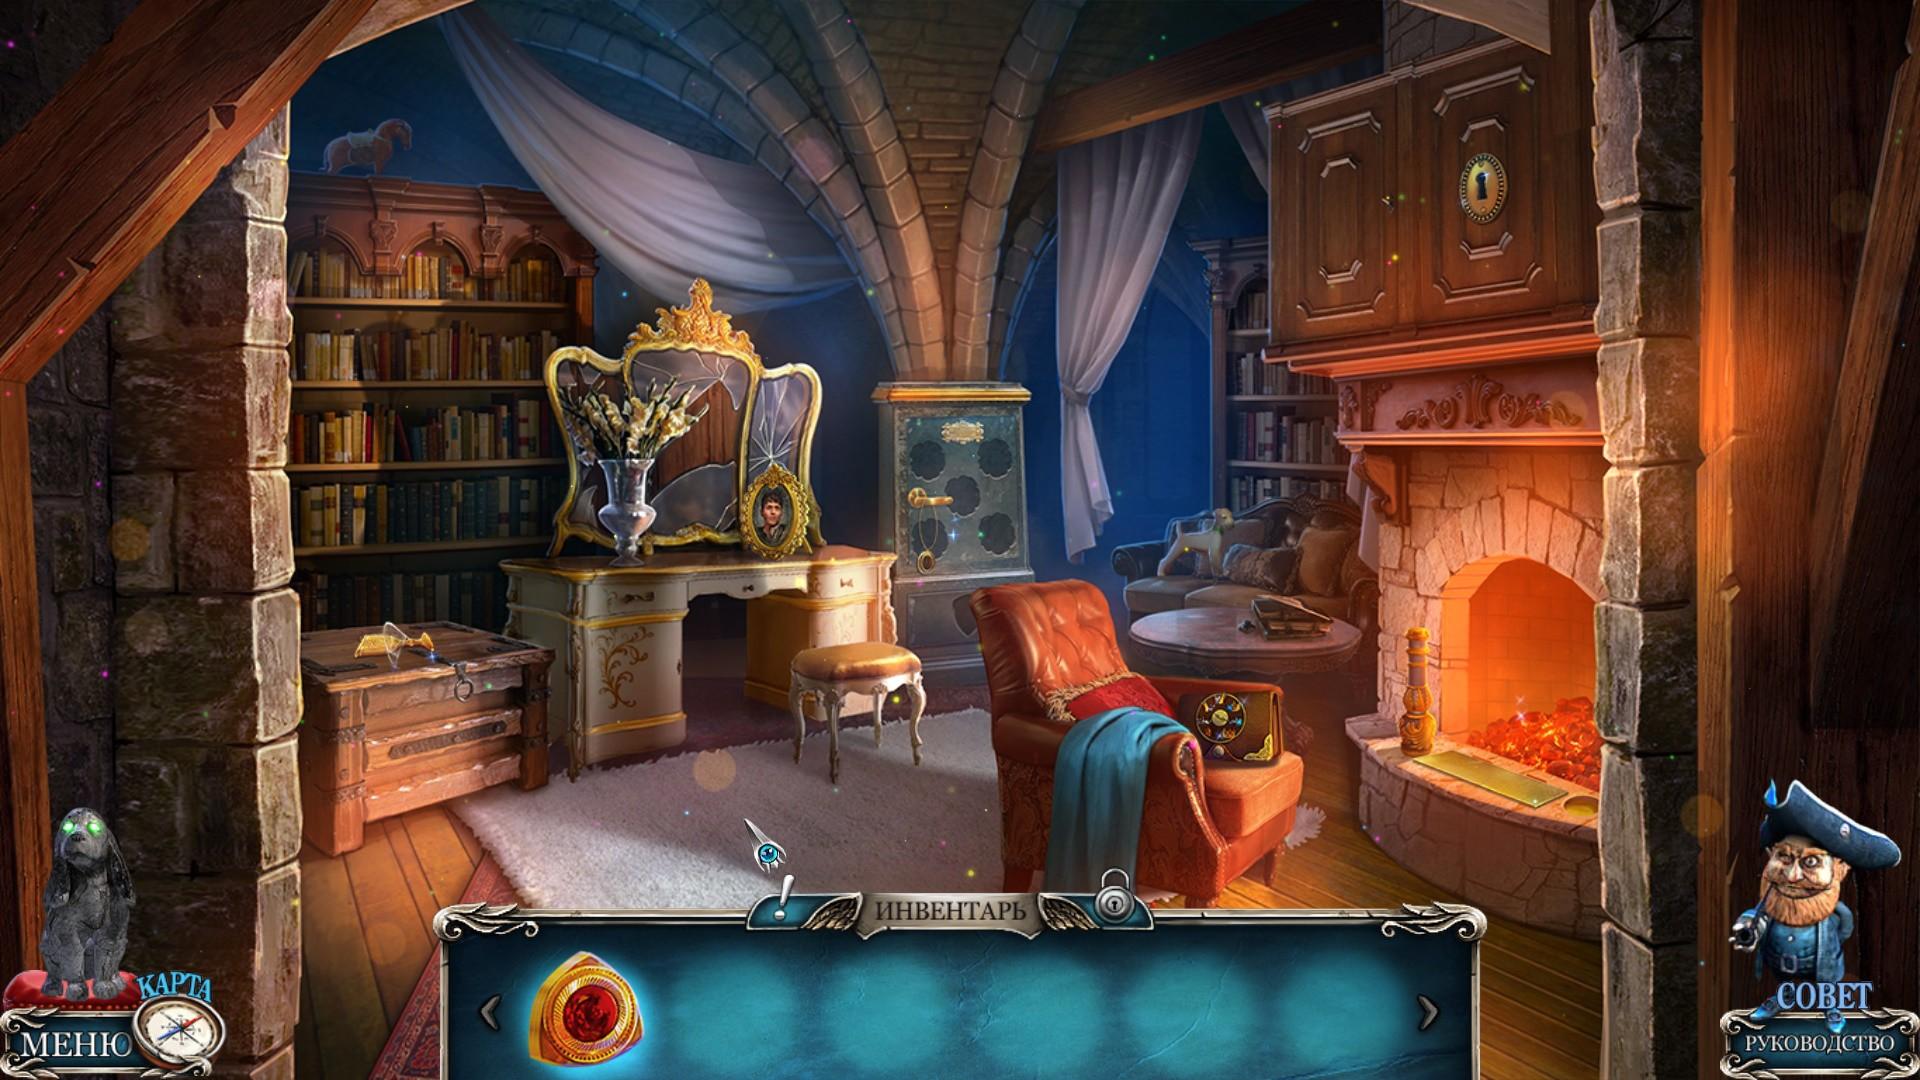 Королевский детектив 5: Возвращение принцессы. Коллекционное издание / Royal Detective 5: The Princess Returns. CE (2018) PC